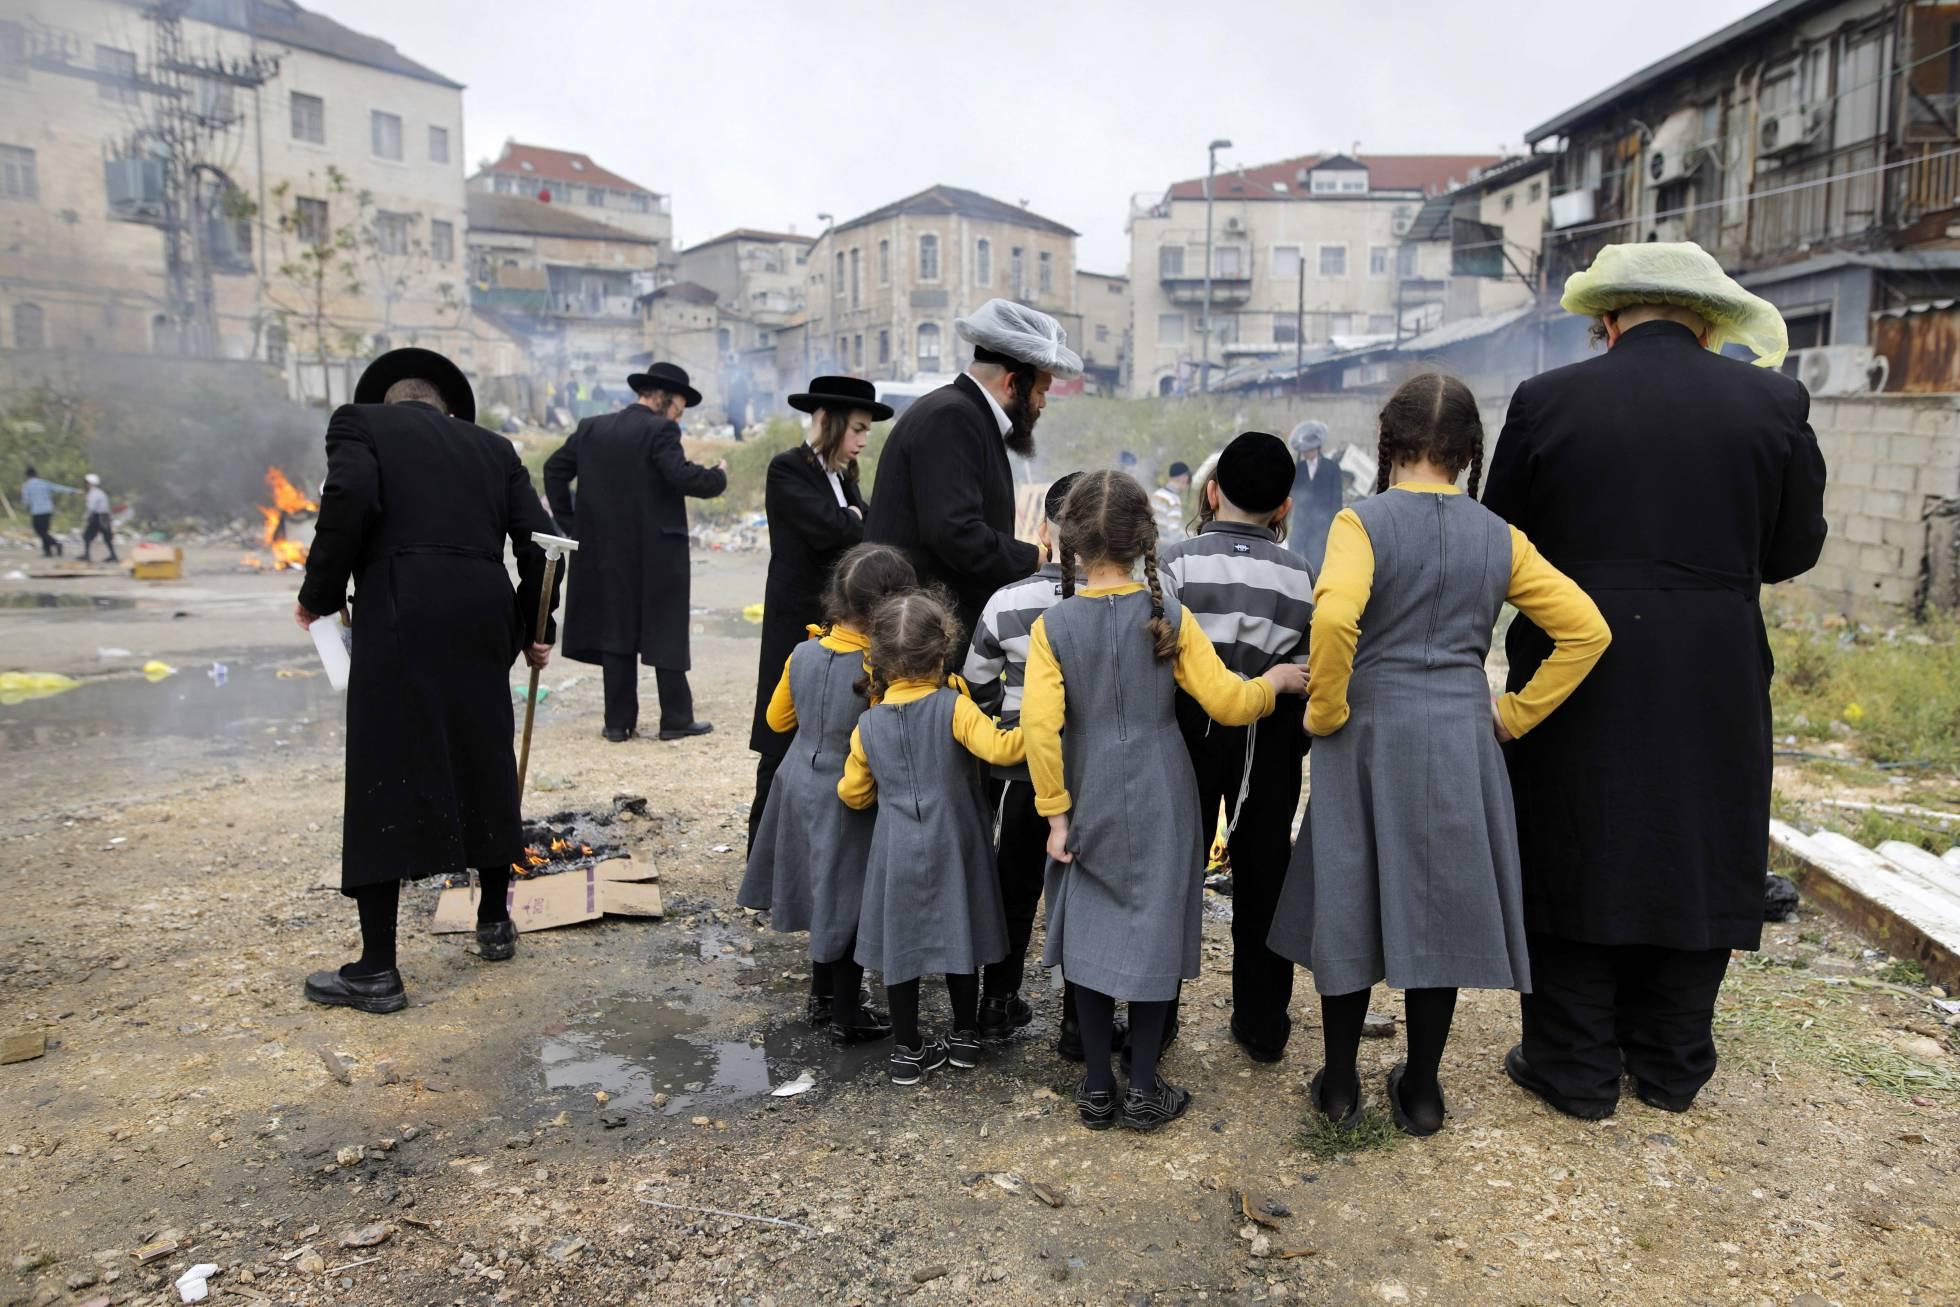 El Estado sionista de Israel redujo de forma racista la natalidad de inmigrantes . 1527872374_894106_1527874530_noticia_normal_recorte1